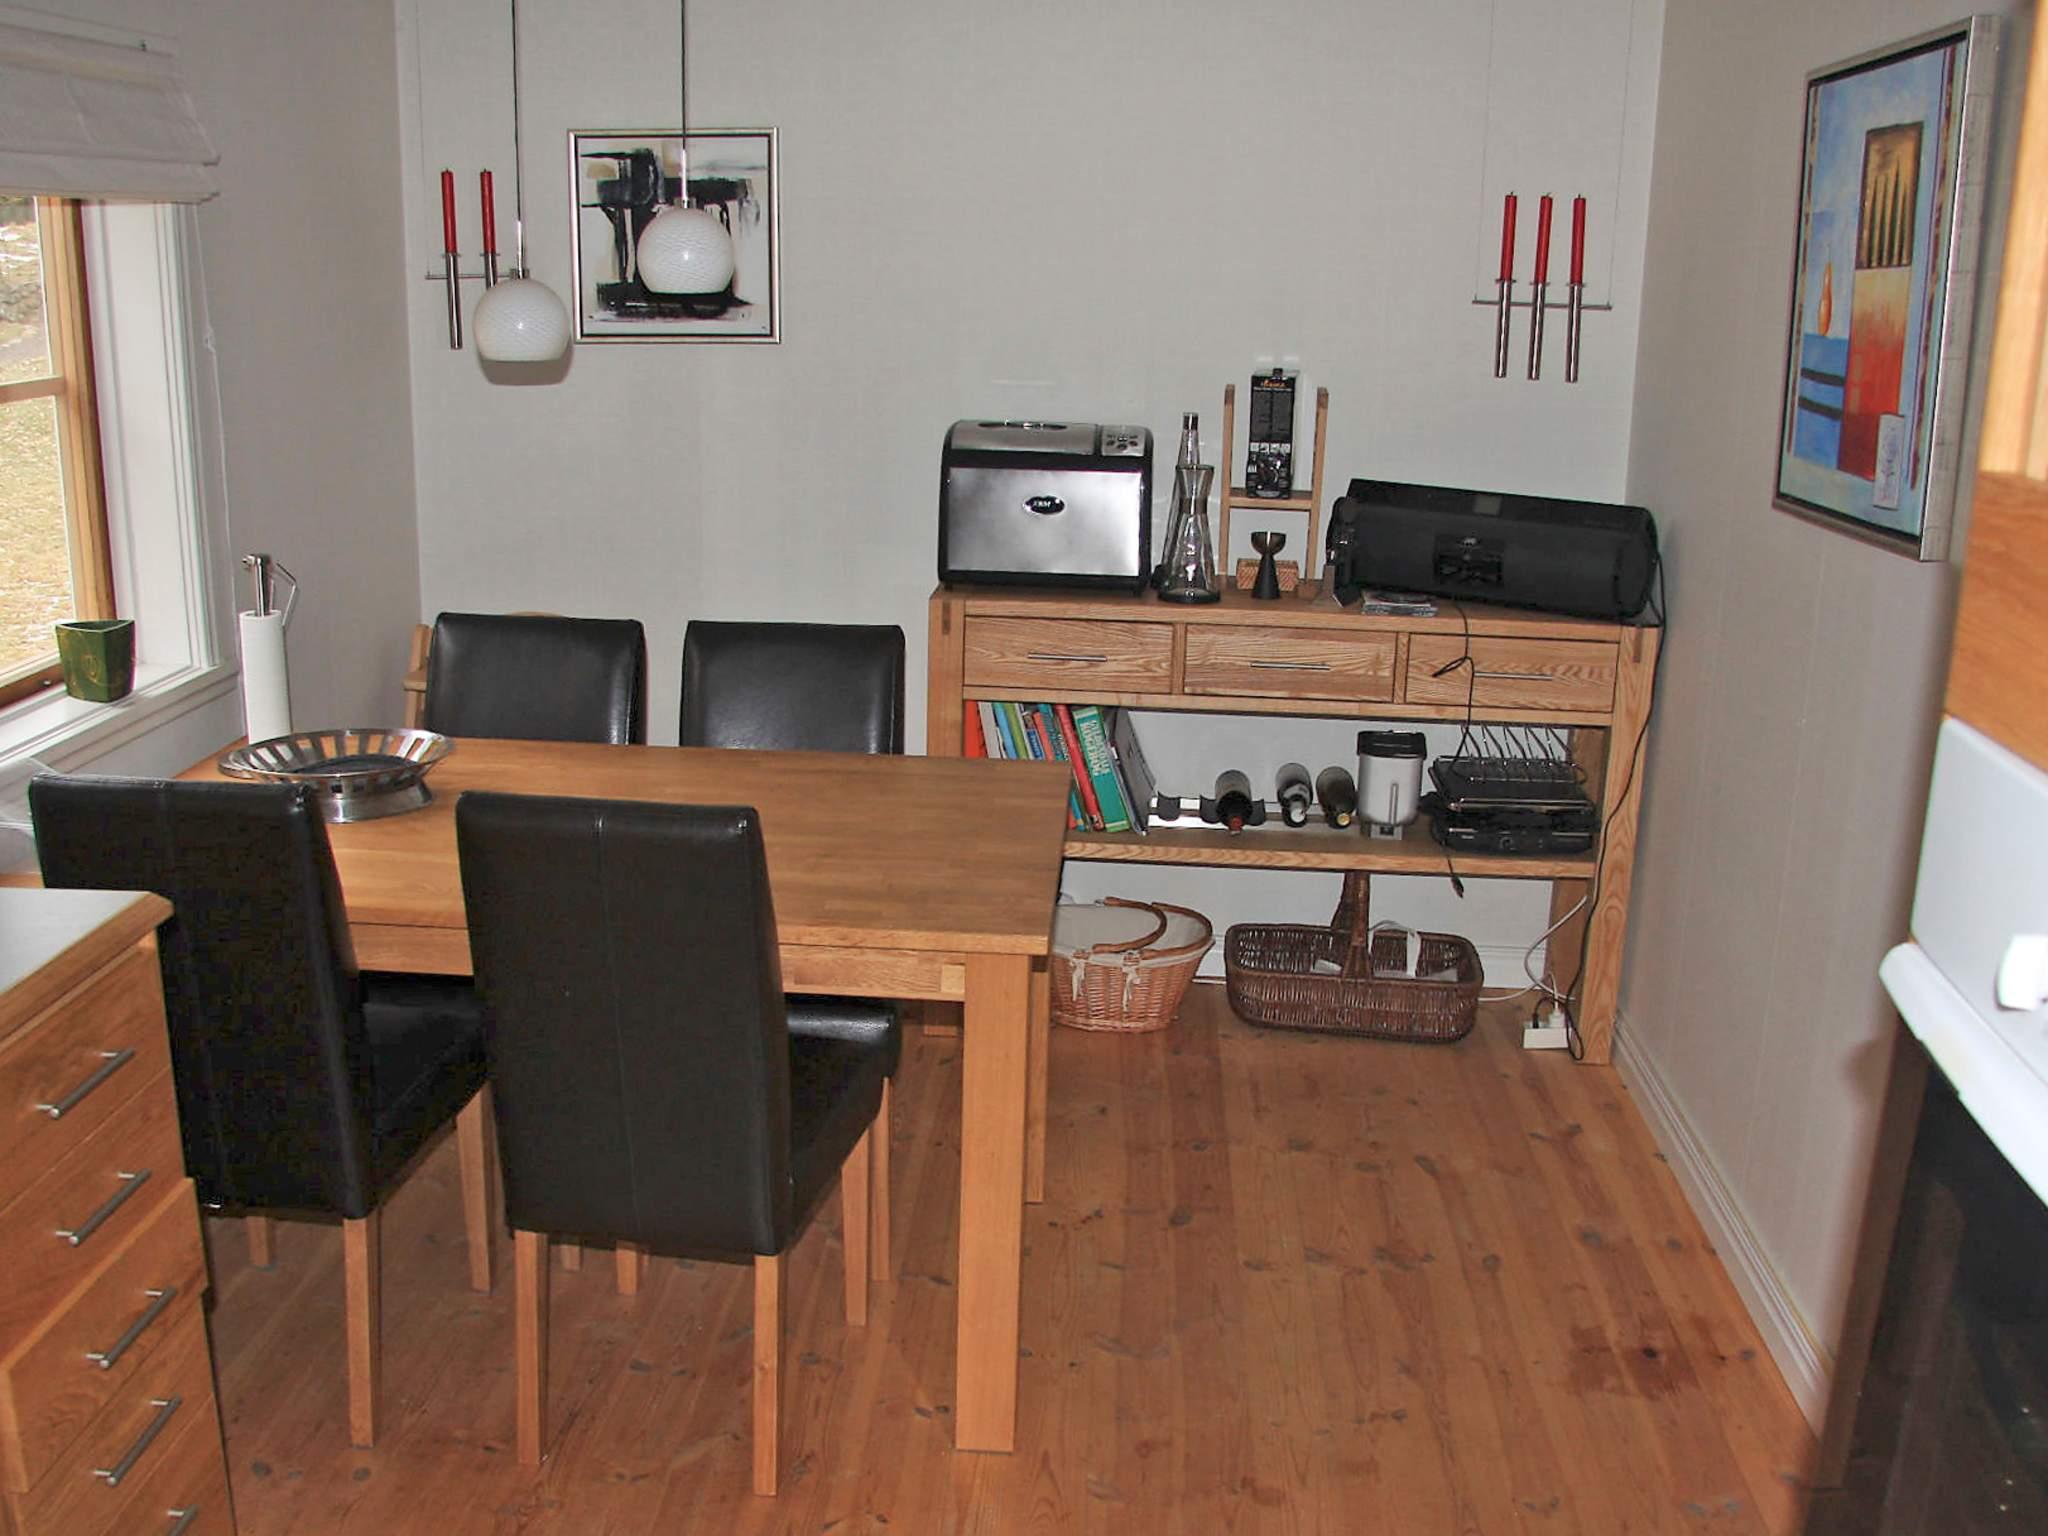 Ferienhaus Eksjö (642218), Hult, Jönköpings län, Südschweden, Schweden, Bild 5